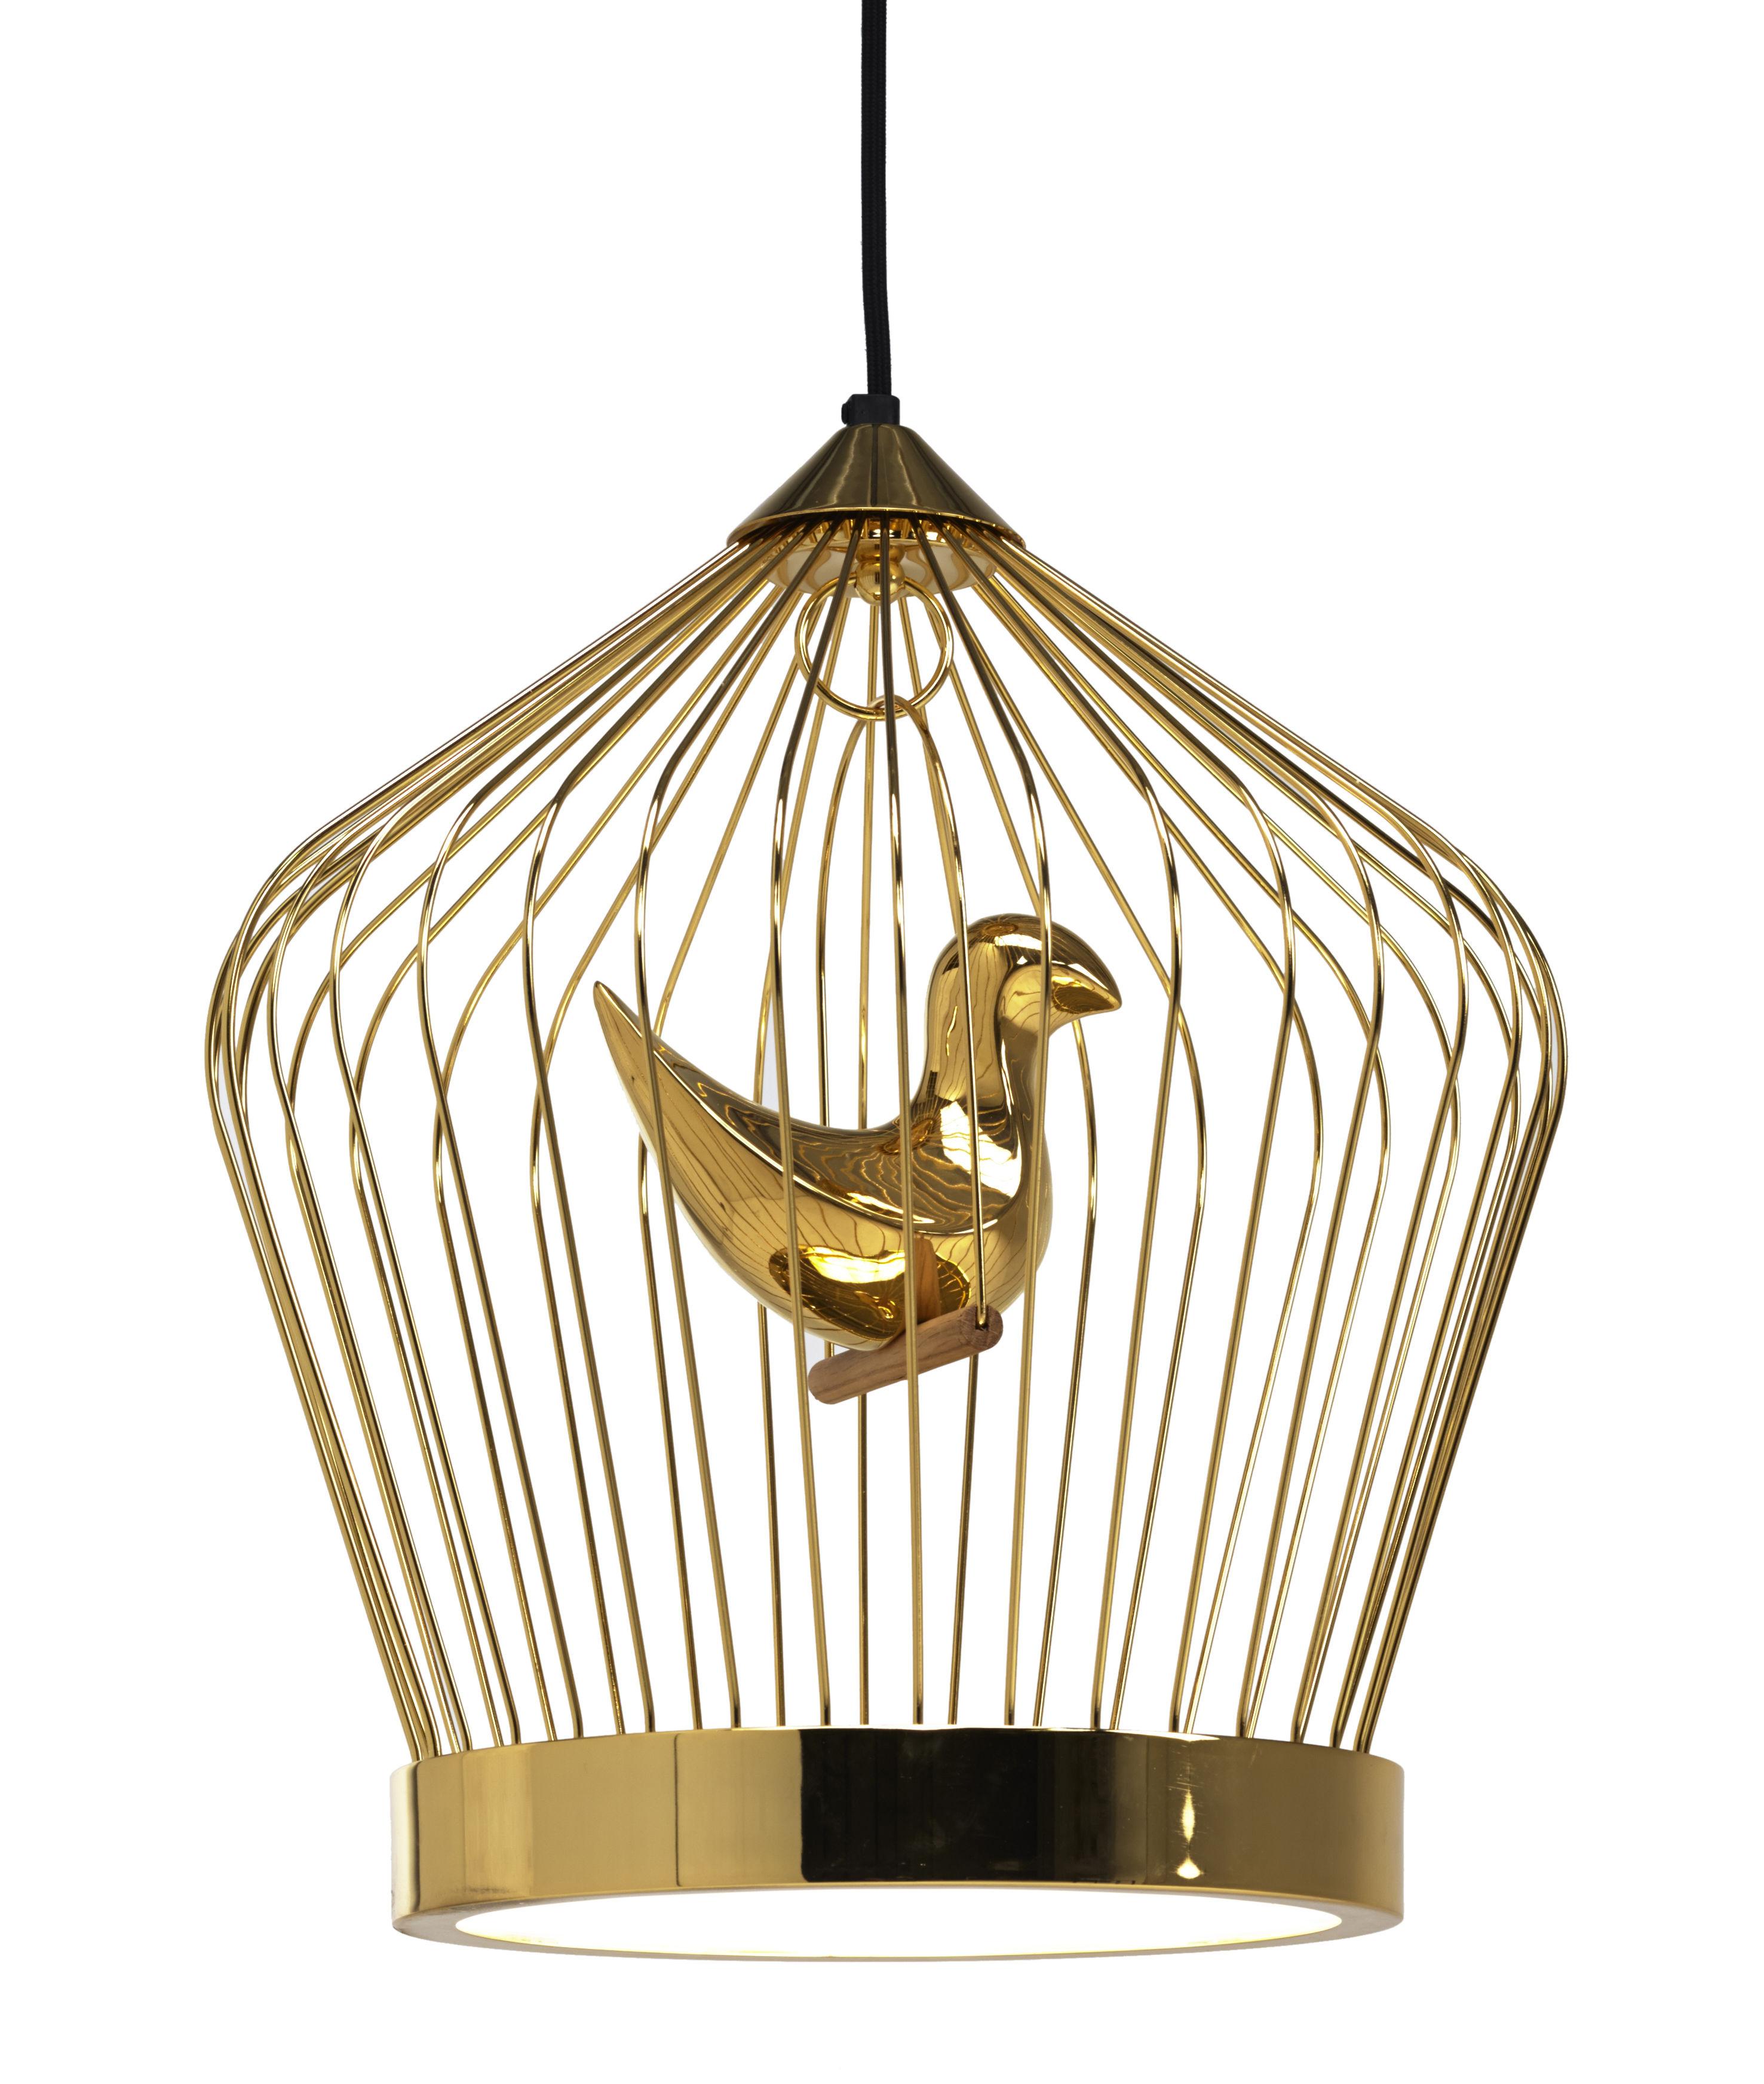 Pour Twee Oiseau Figurine TLarge Supplémentaire Casamania Suspension O80nPXwk